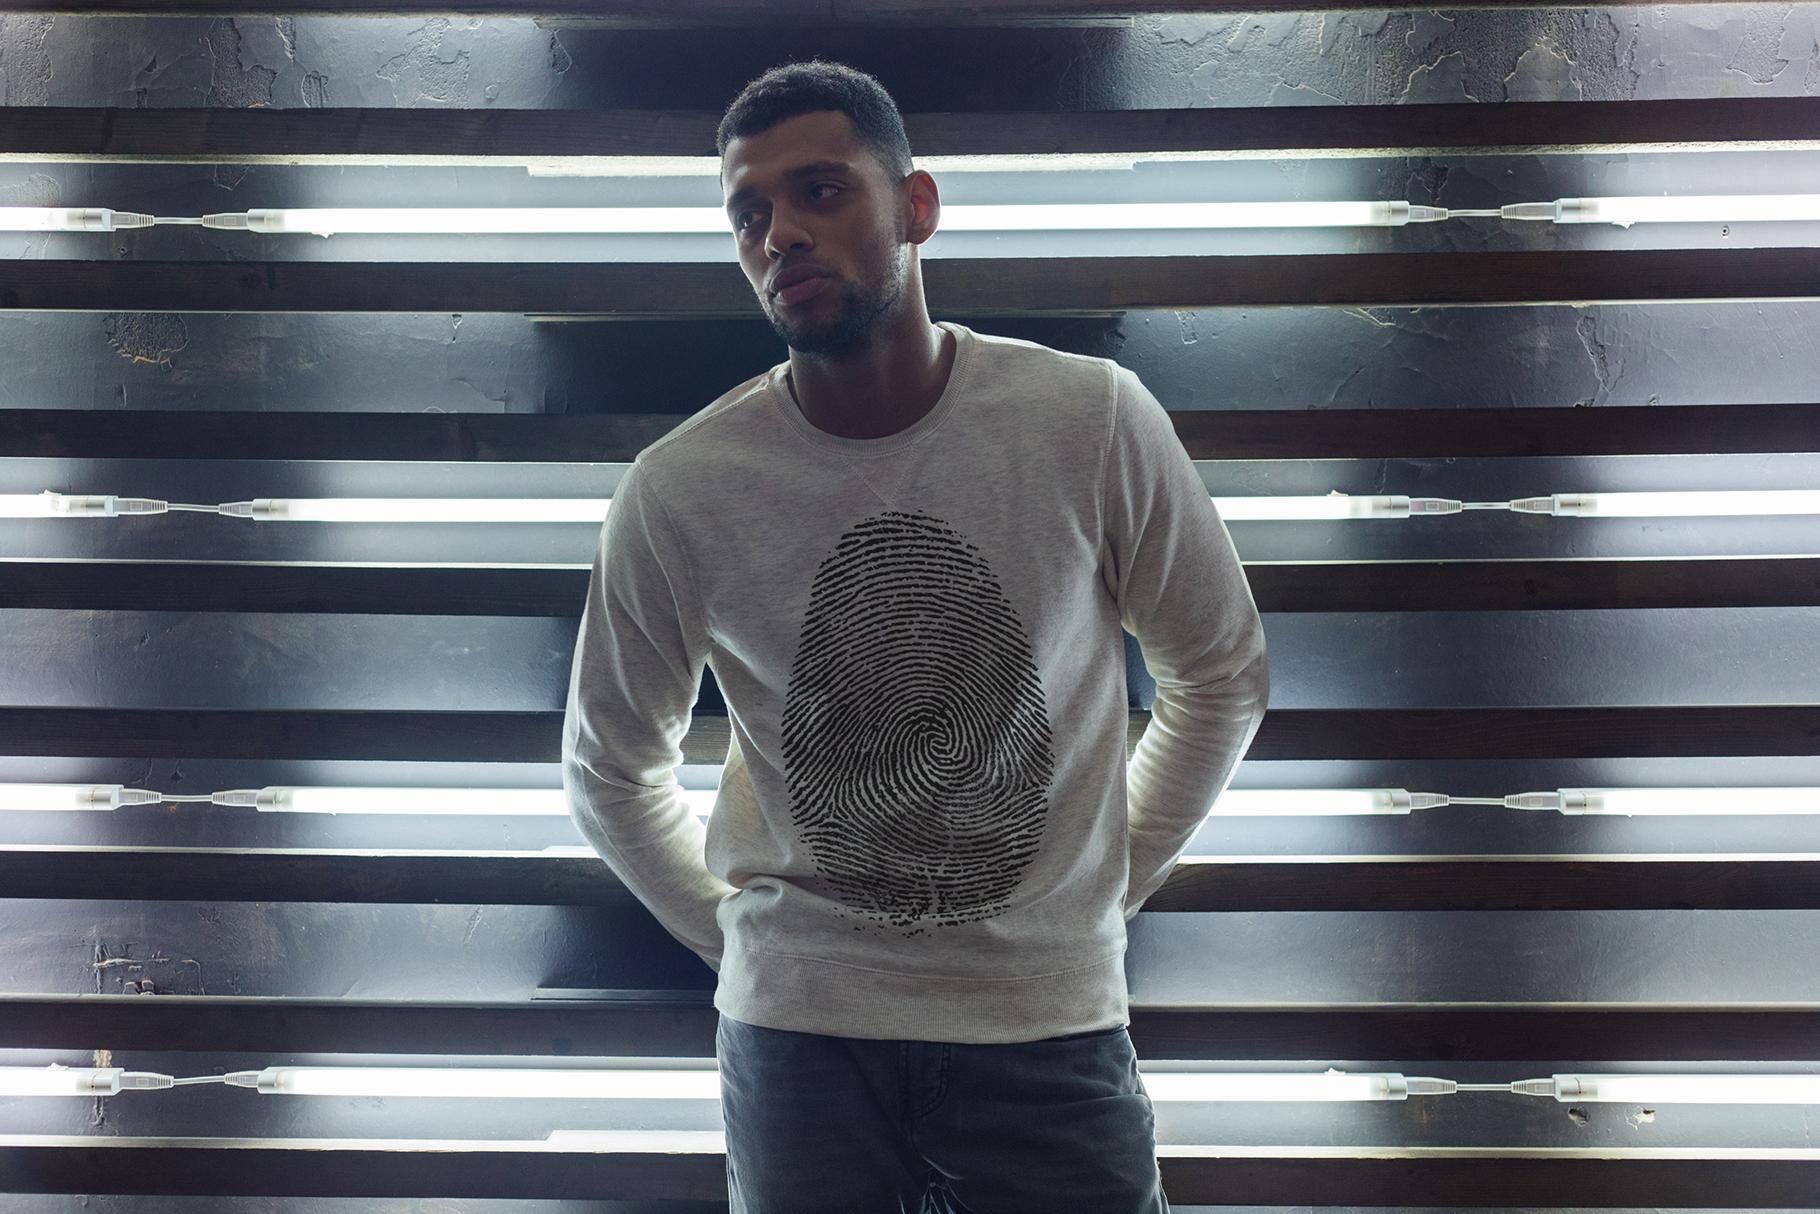 Sweatshirt Mock-Up 2018 #33 example image 16